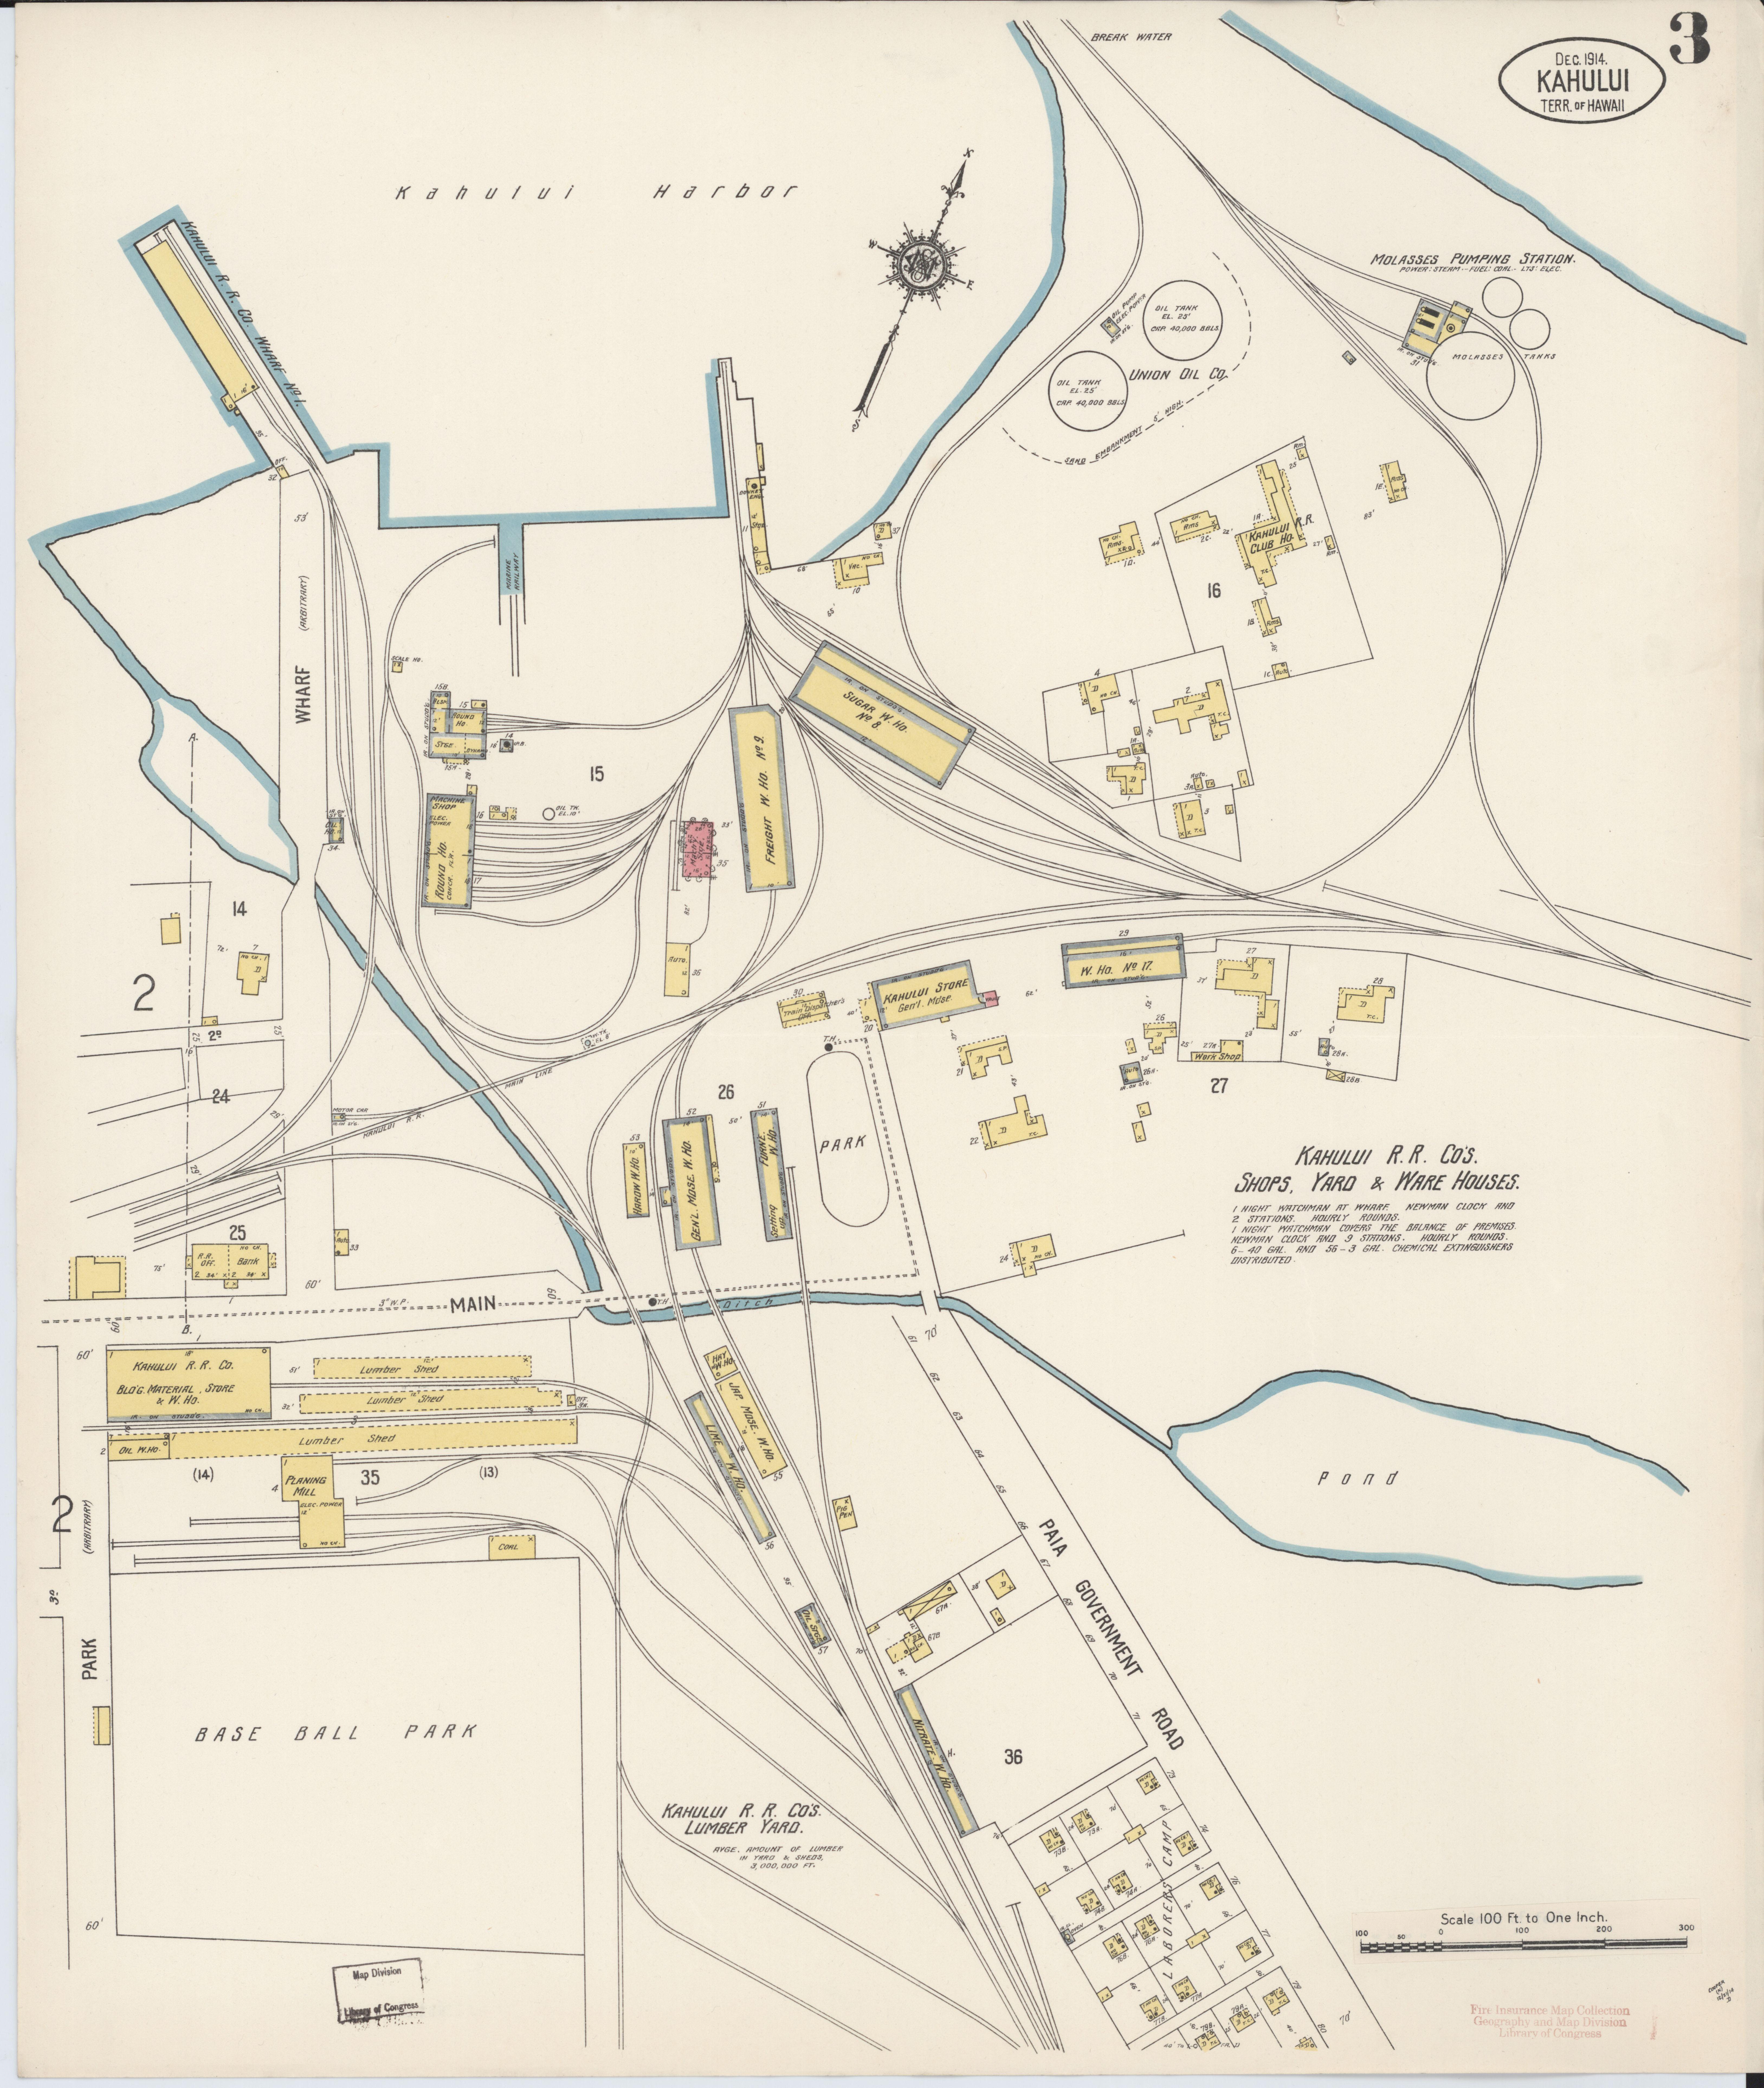 Kahului Hawaii Map.File Sanborn Fire Insurance Map From Kahului Maui County Hawaii